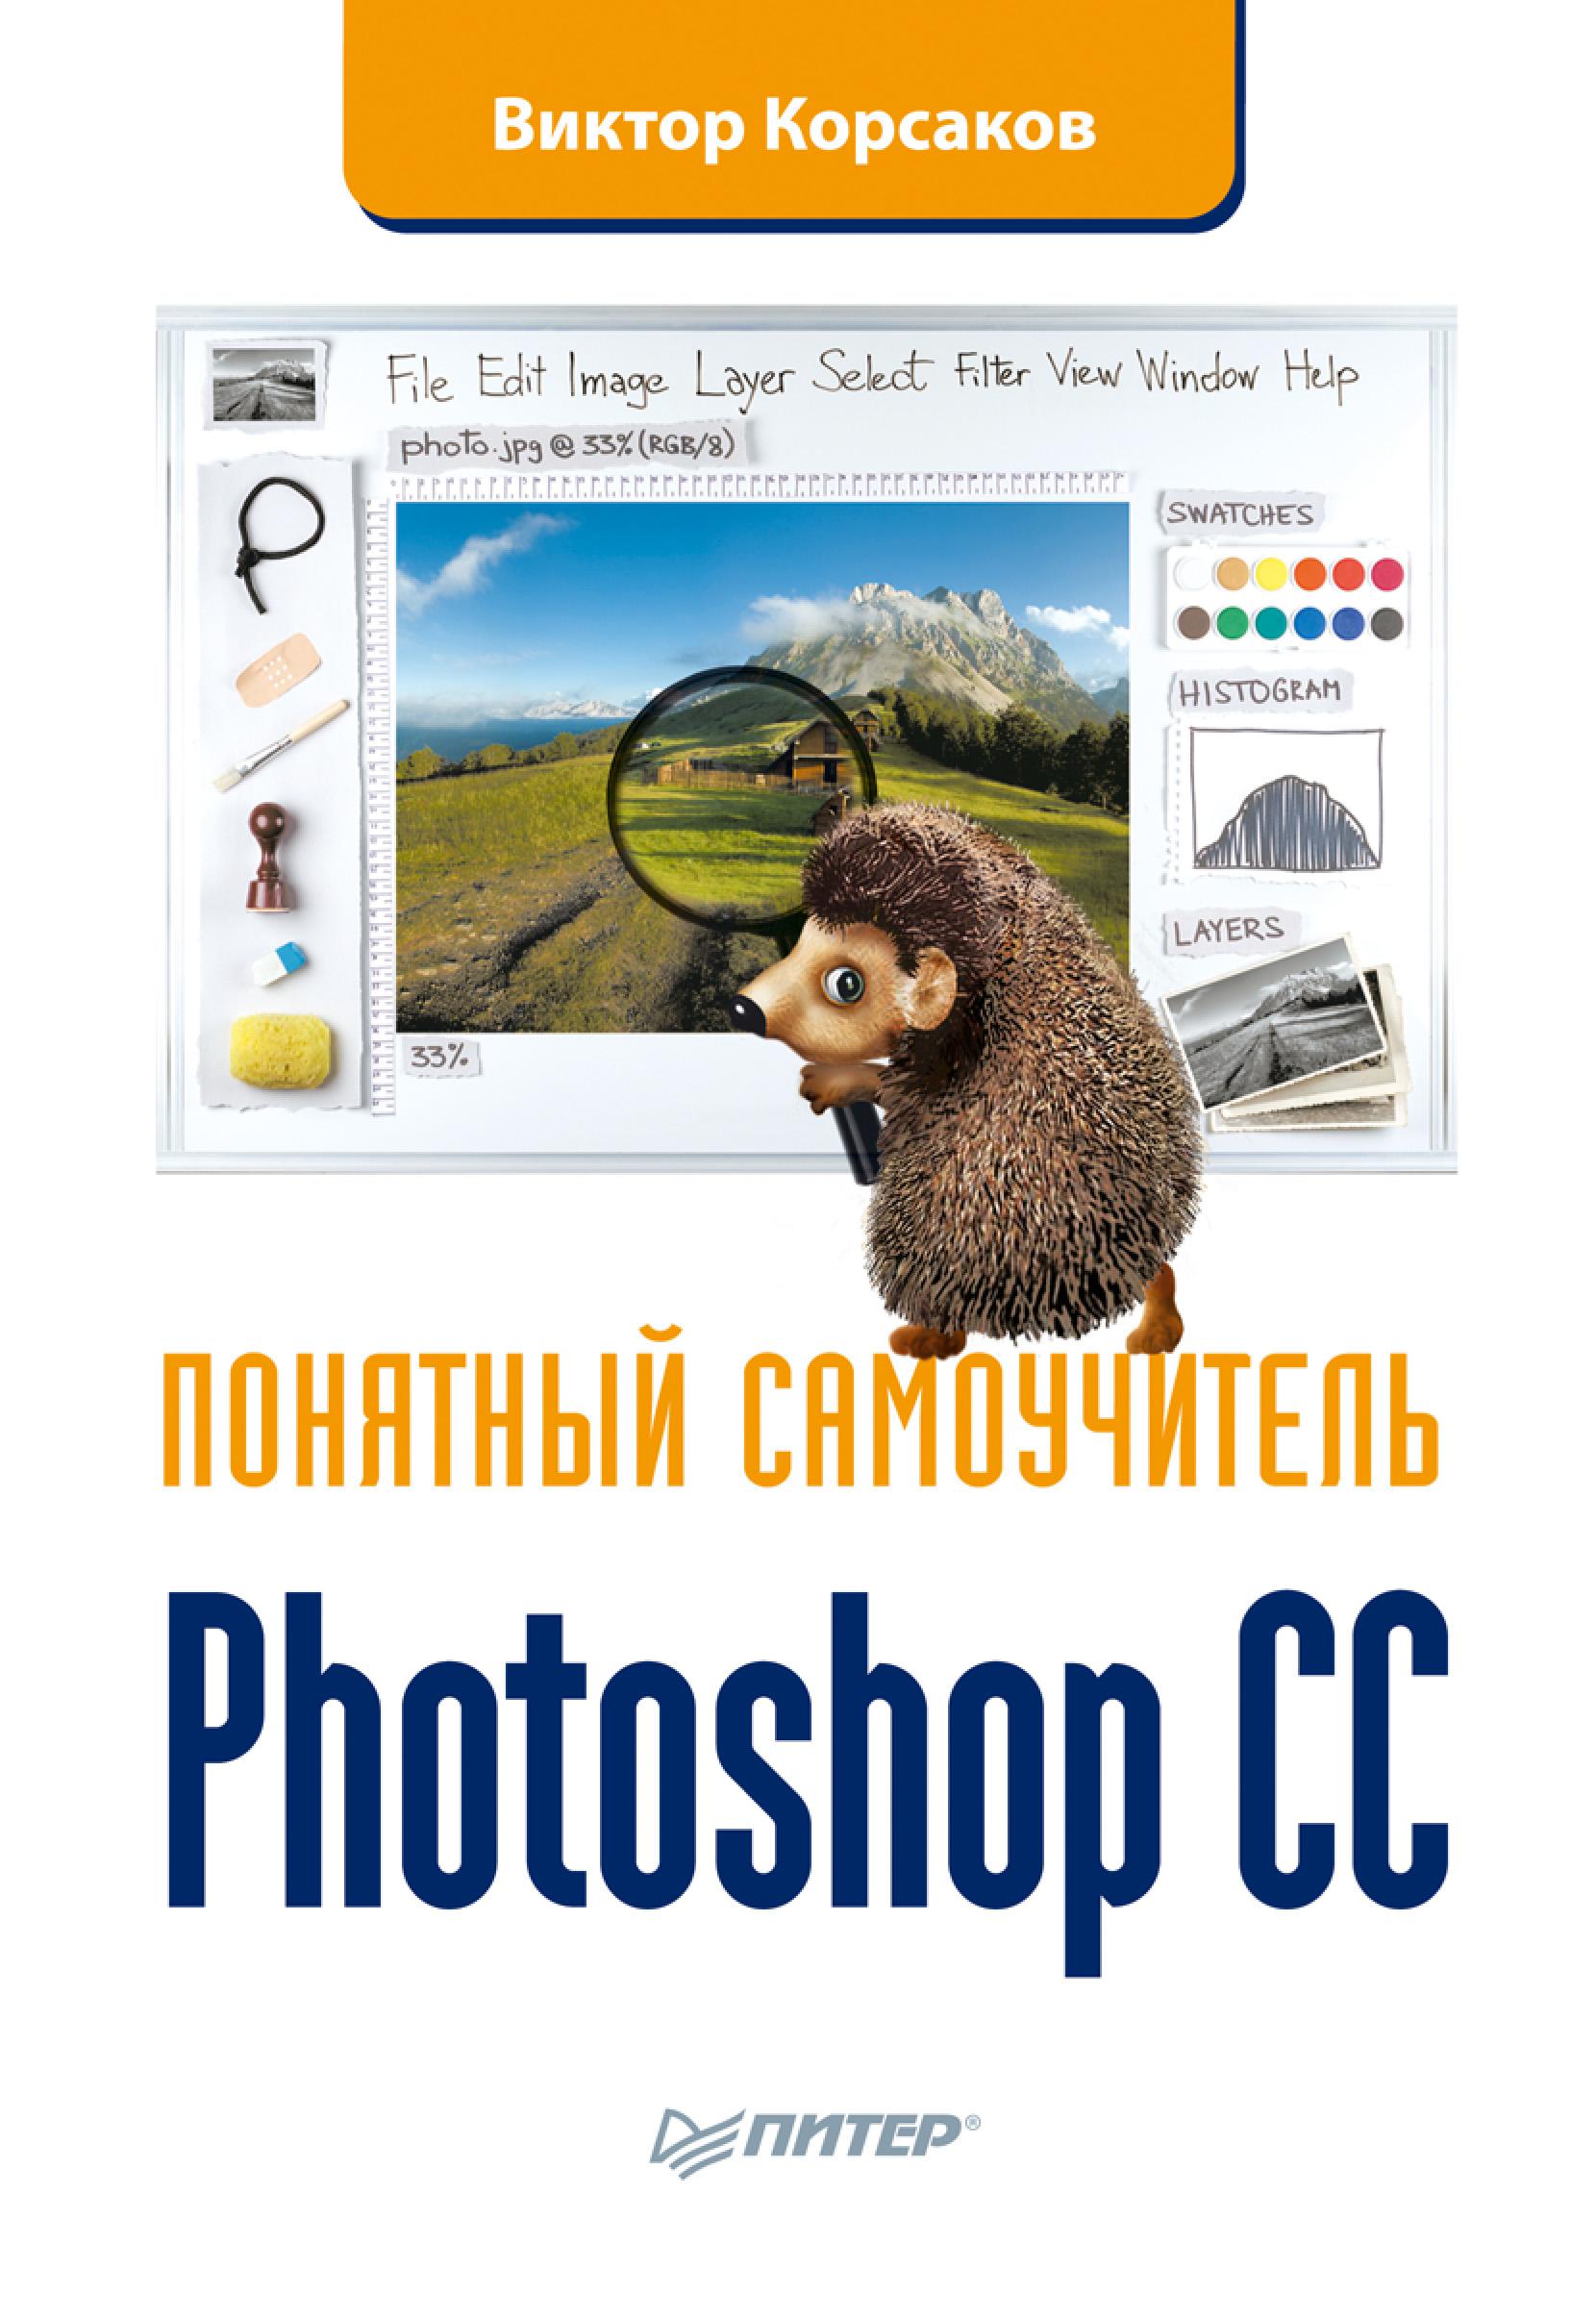 Фото - Виктор Корсаков Photoshop CC. Понятный самоучитель владислав дунаев photoshop cs5 понятный самоучитель